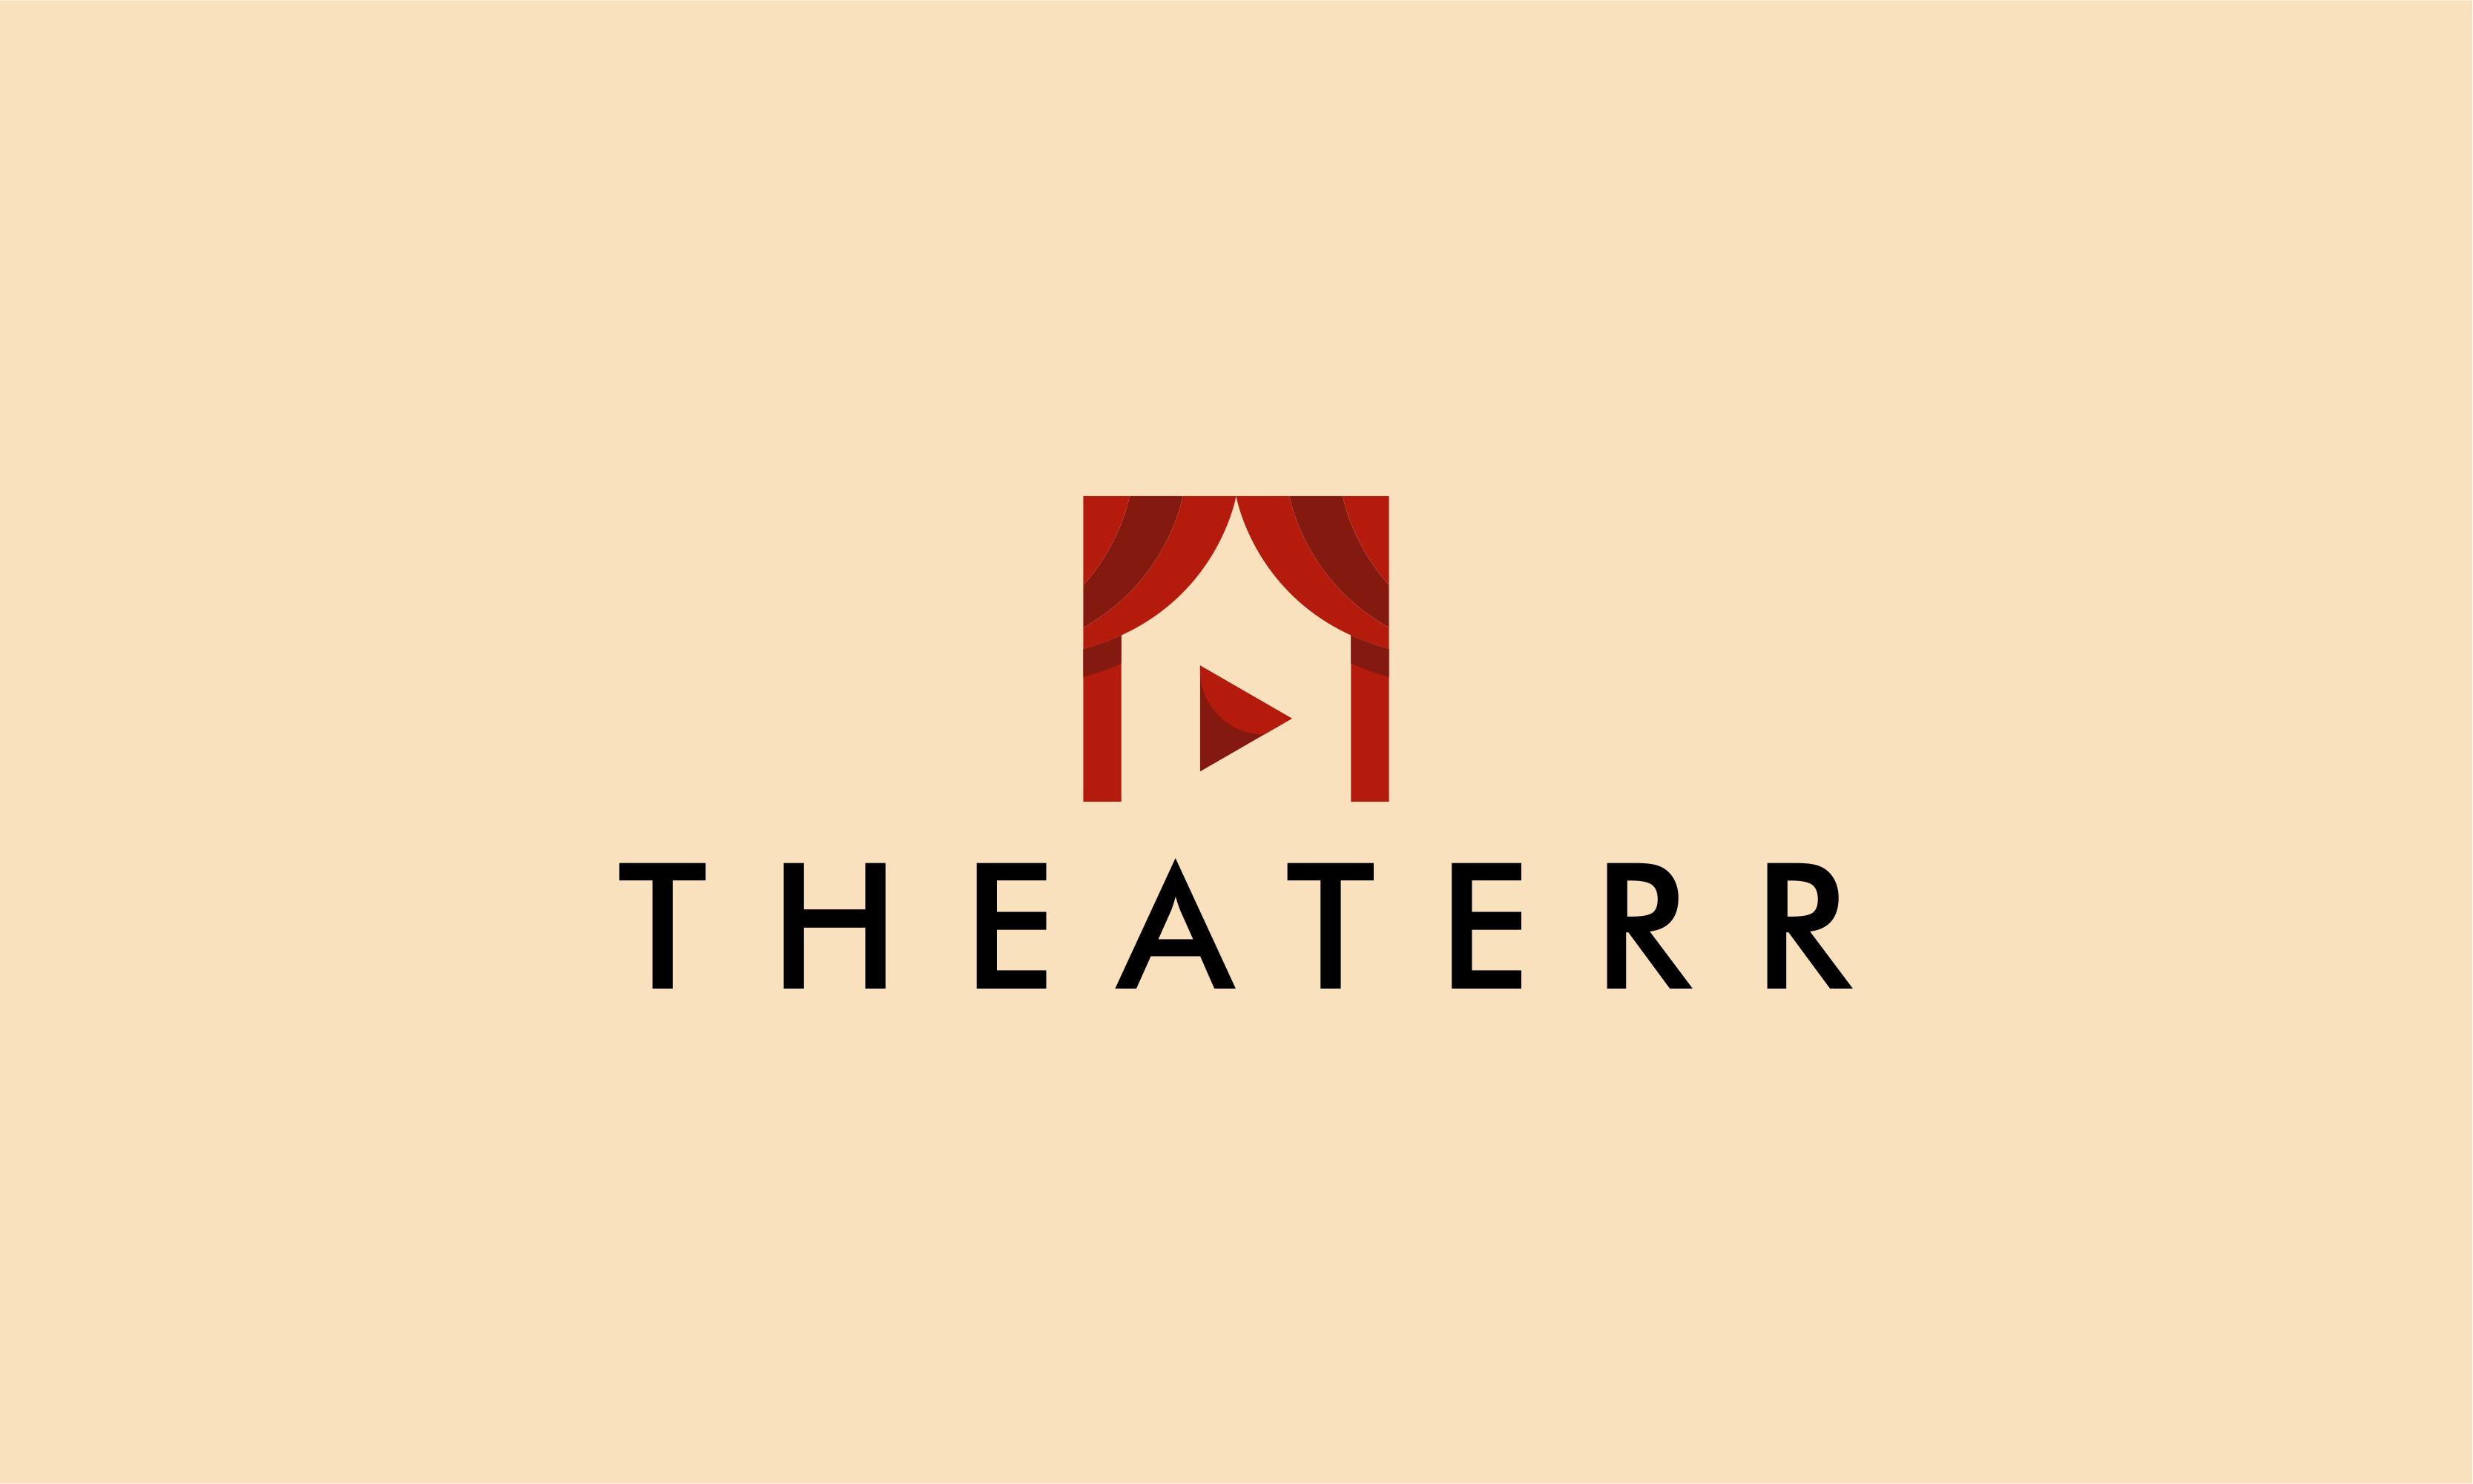 Theaterr